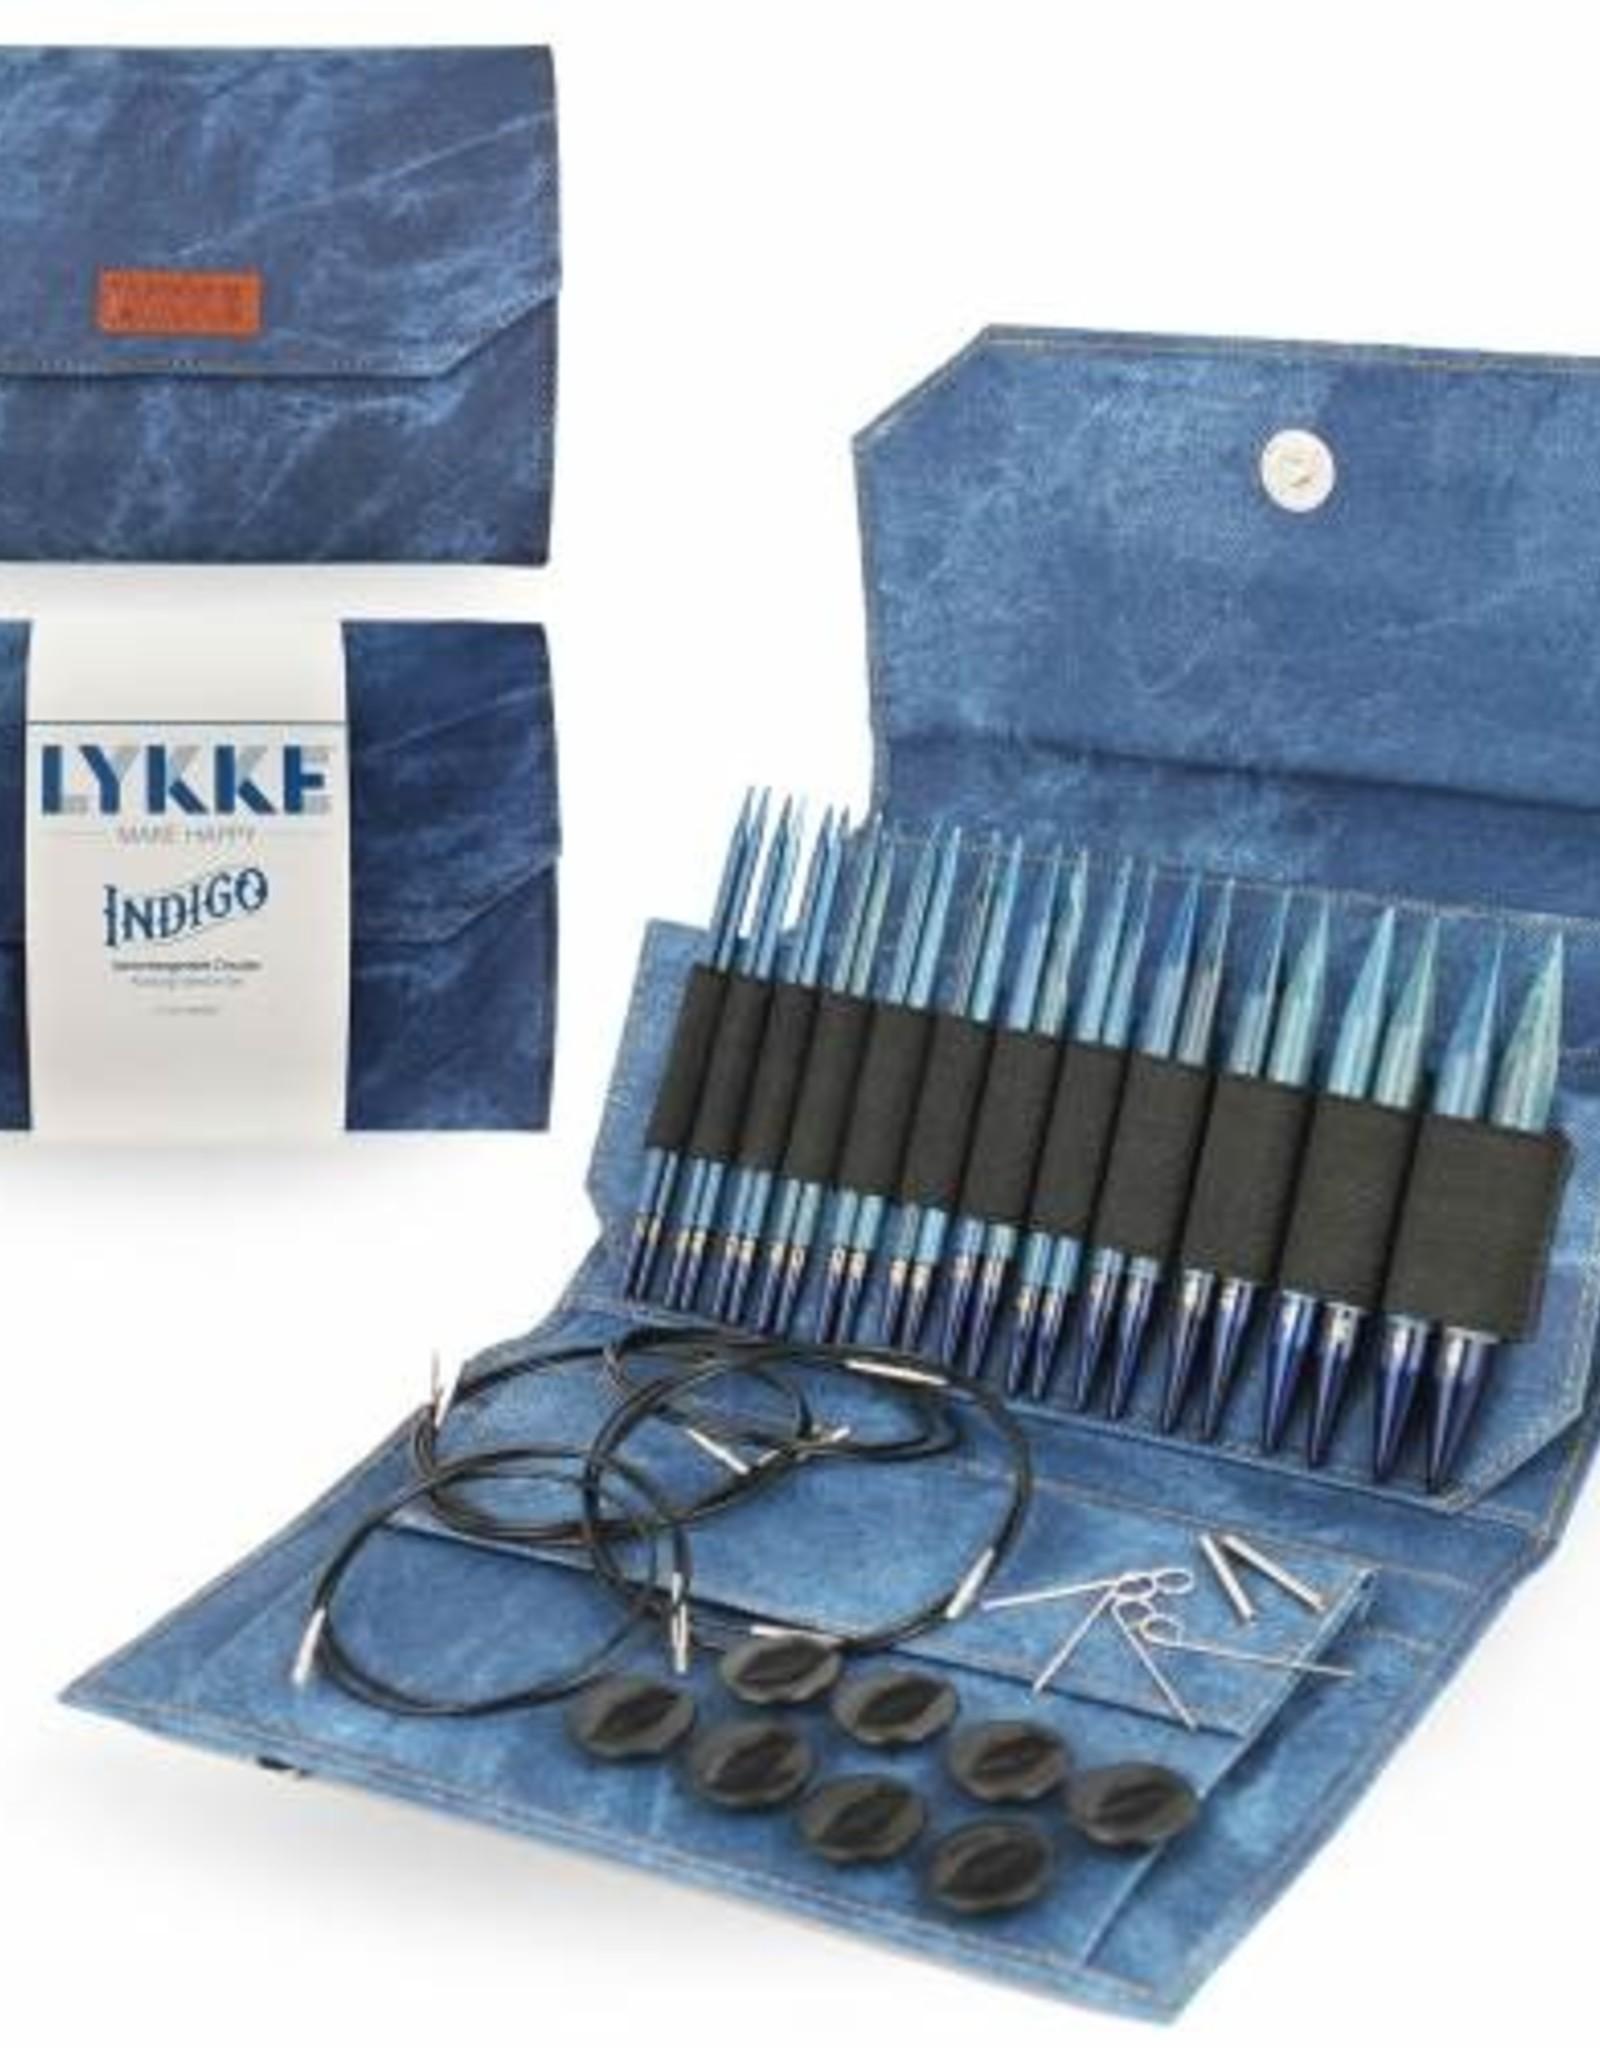 Lykke Lykke Needle Sets